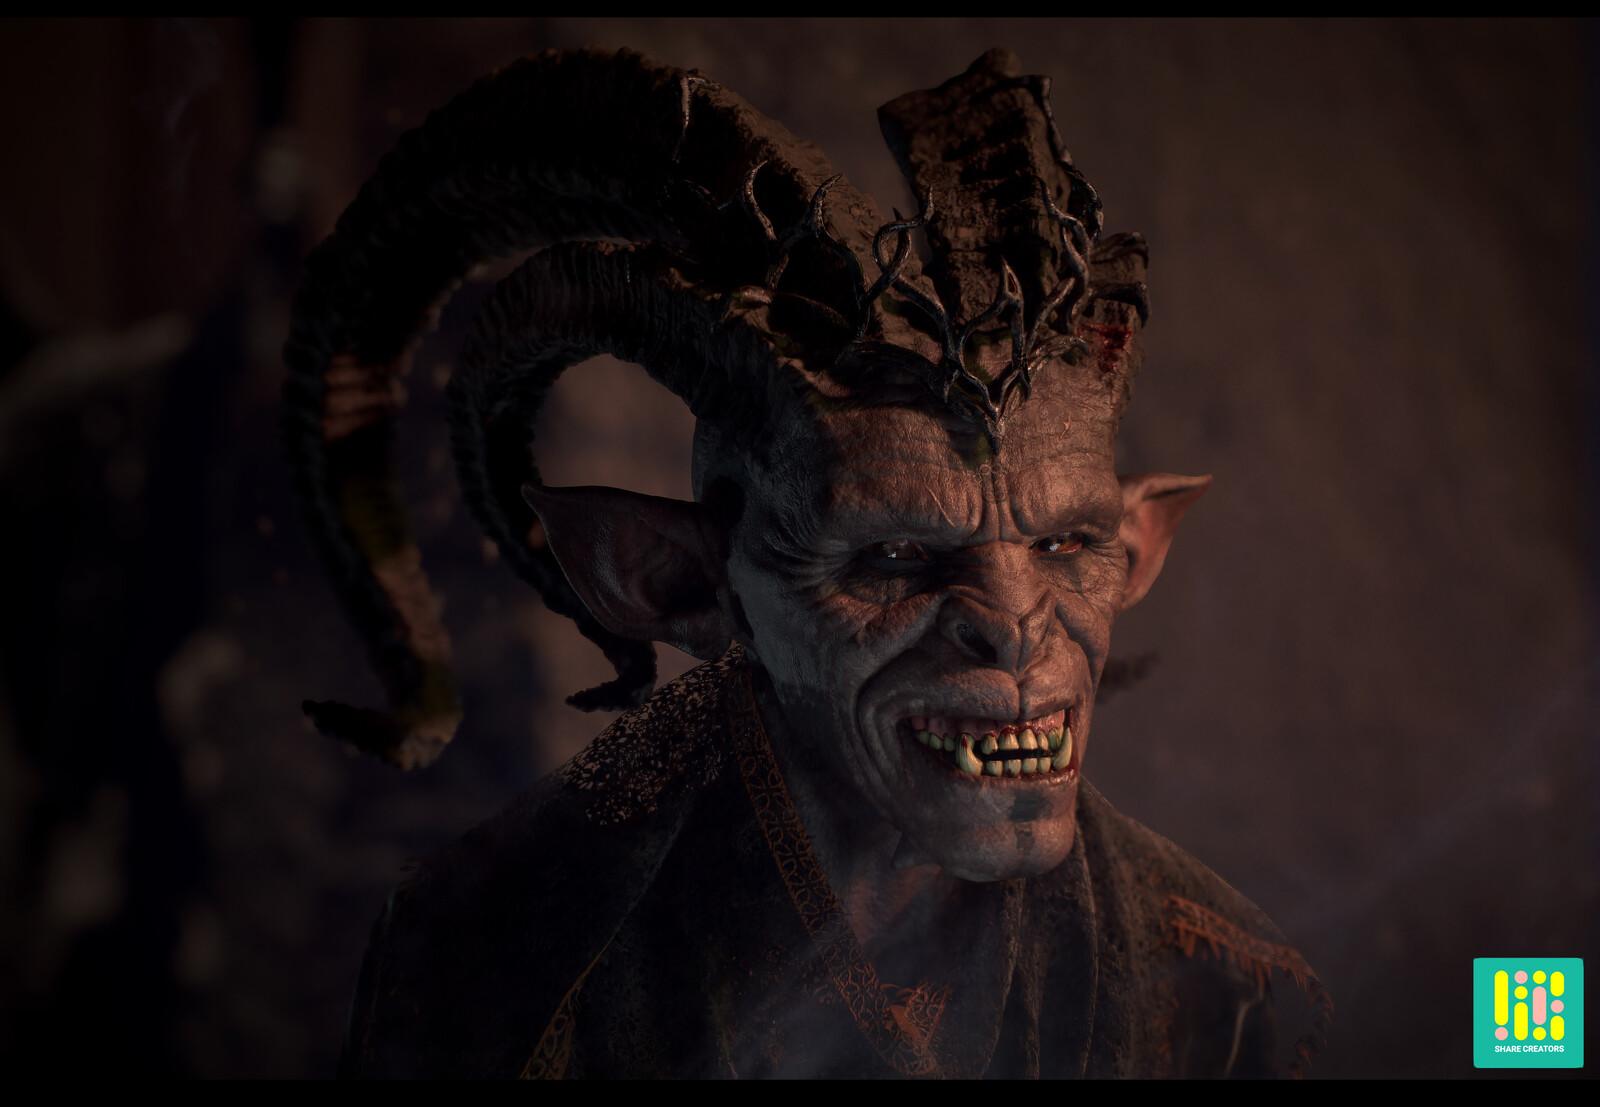 Goblin - Share Creators